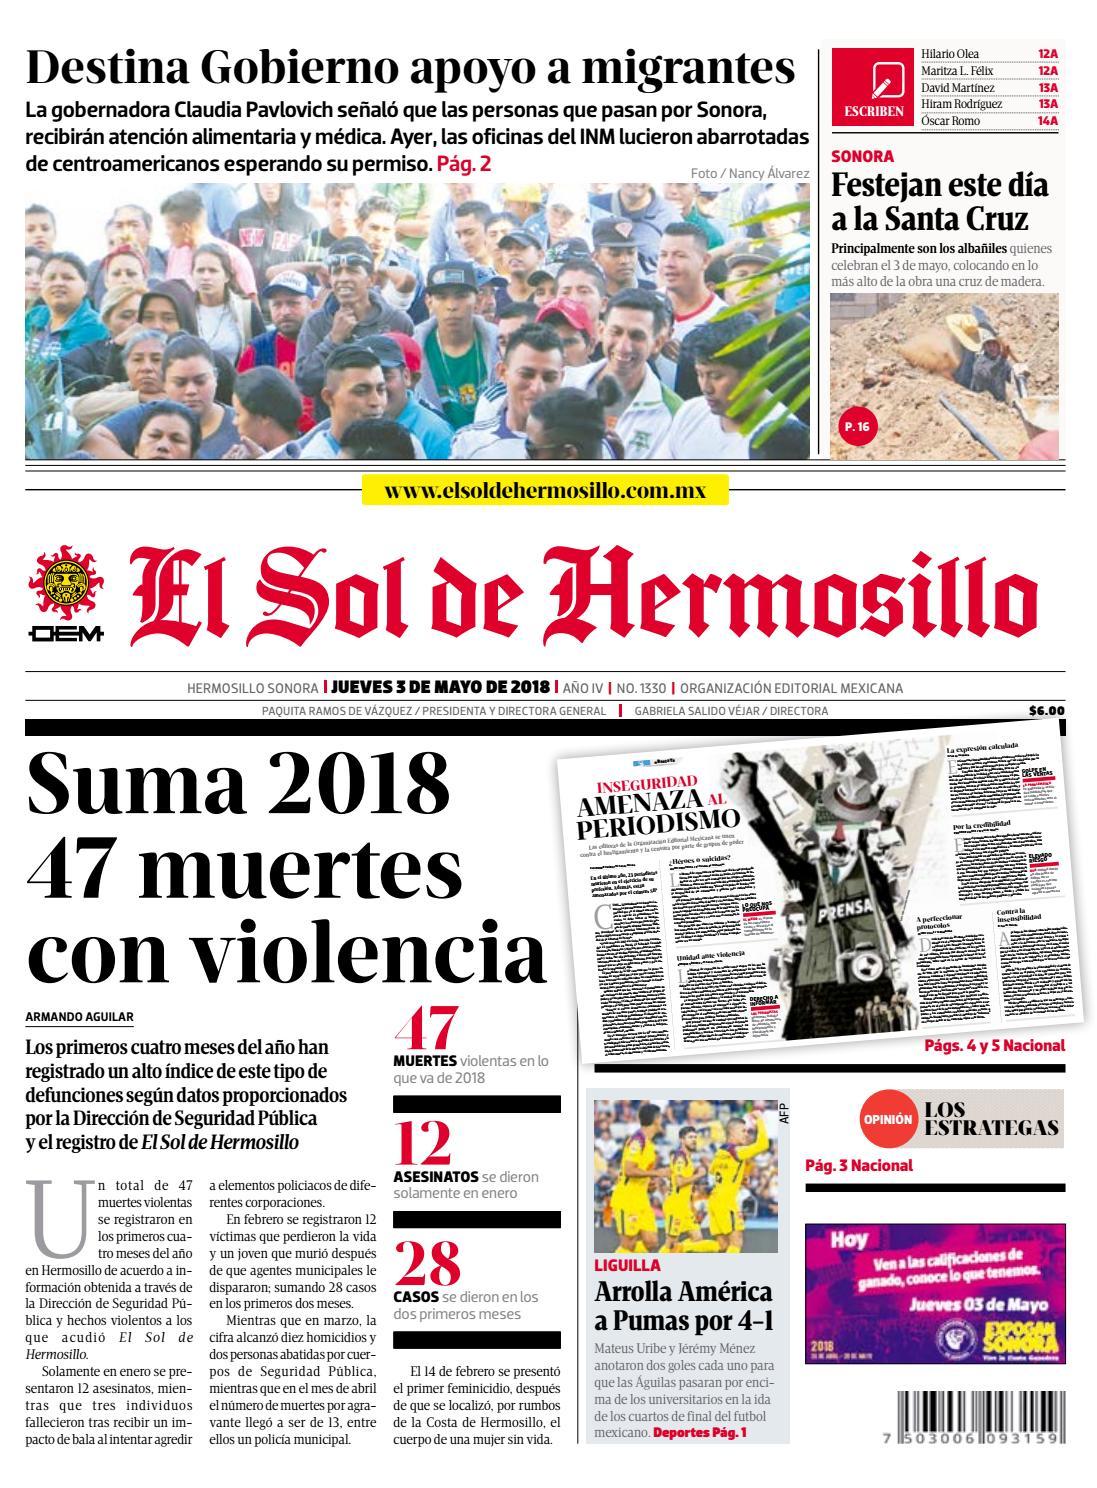 cb890a54b Edición impresa 3 de mayo 2018 by El Sol de Hermosillo - issuu